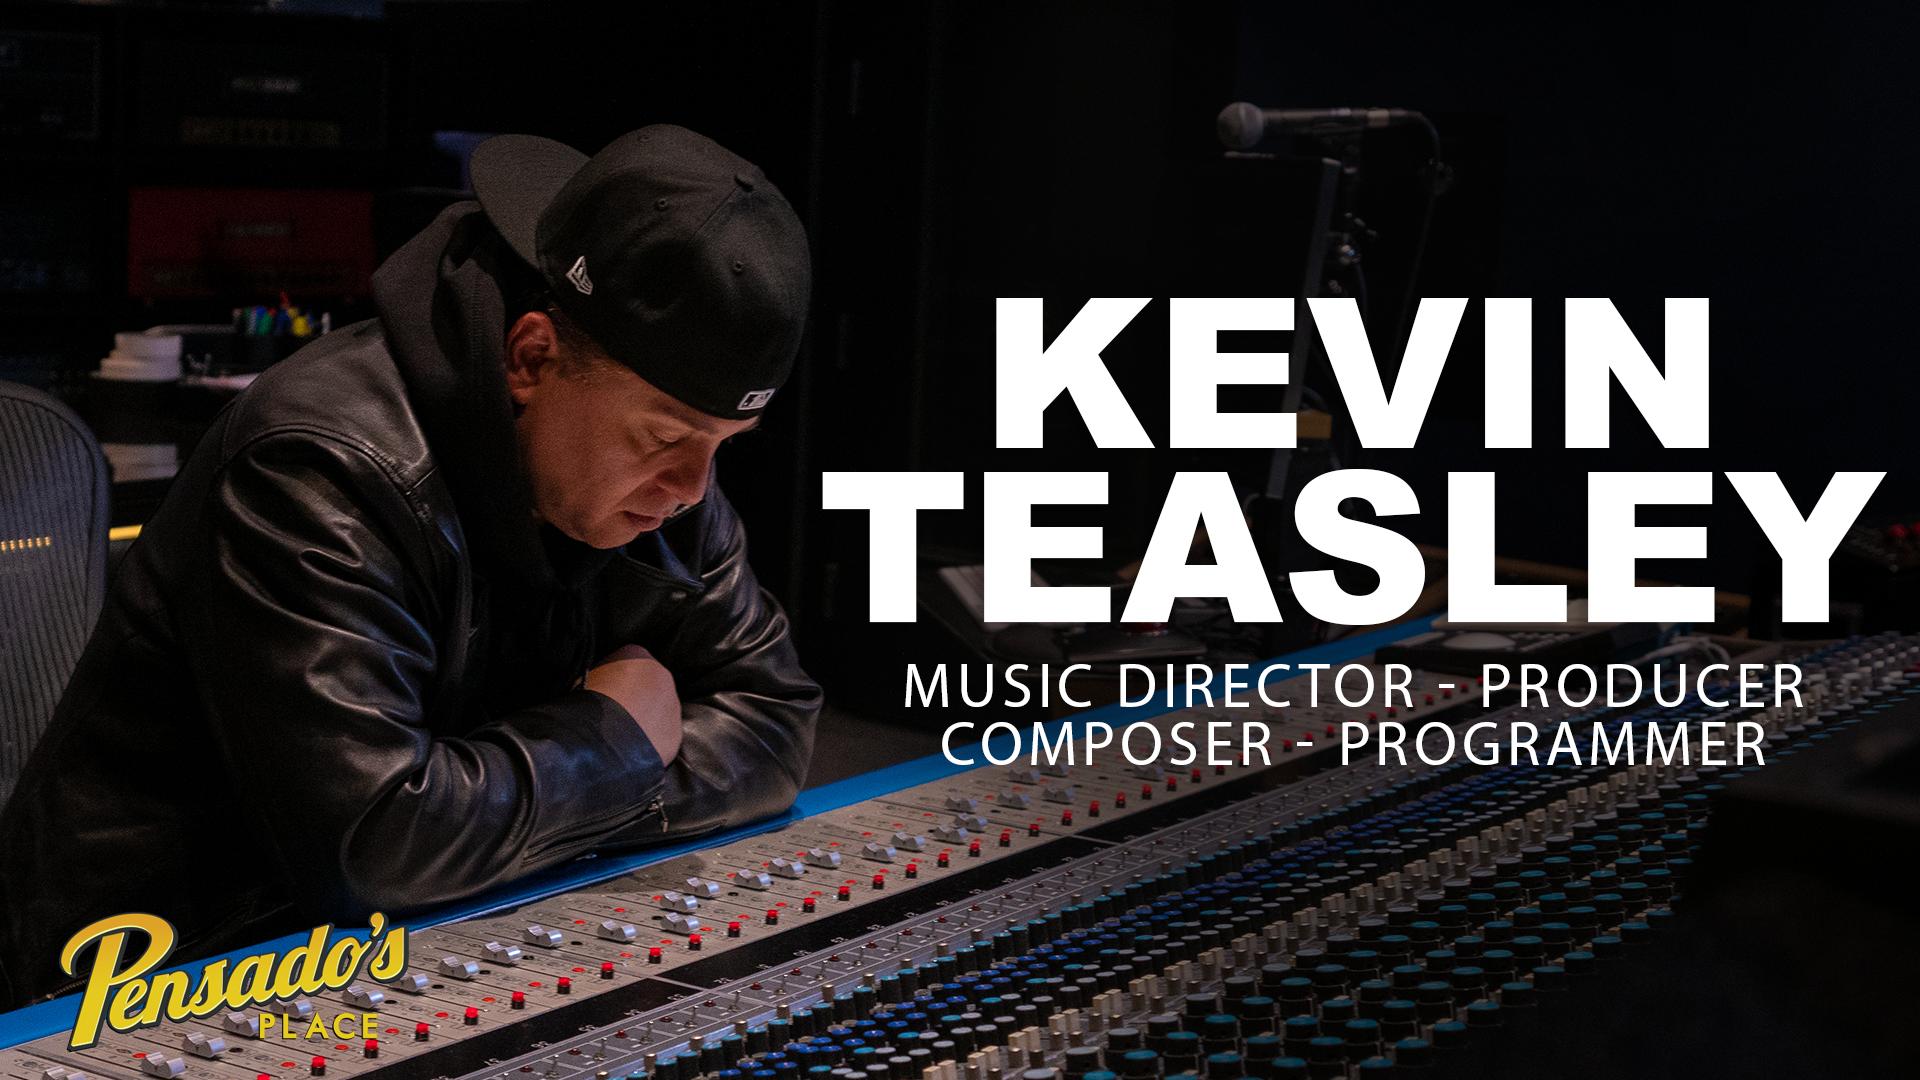 Music Director, Producer, Composer, Programmer Kevin Teasley